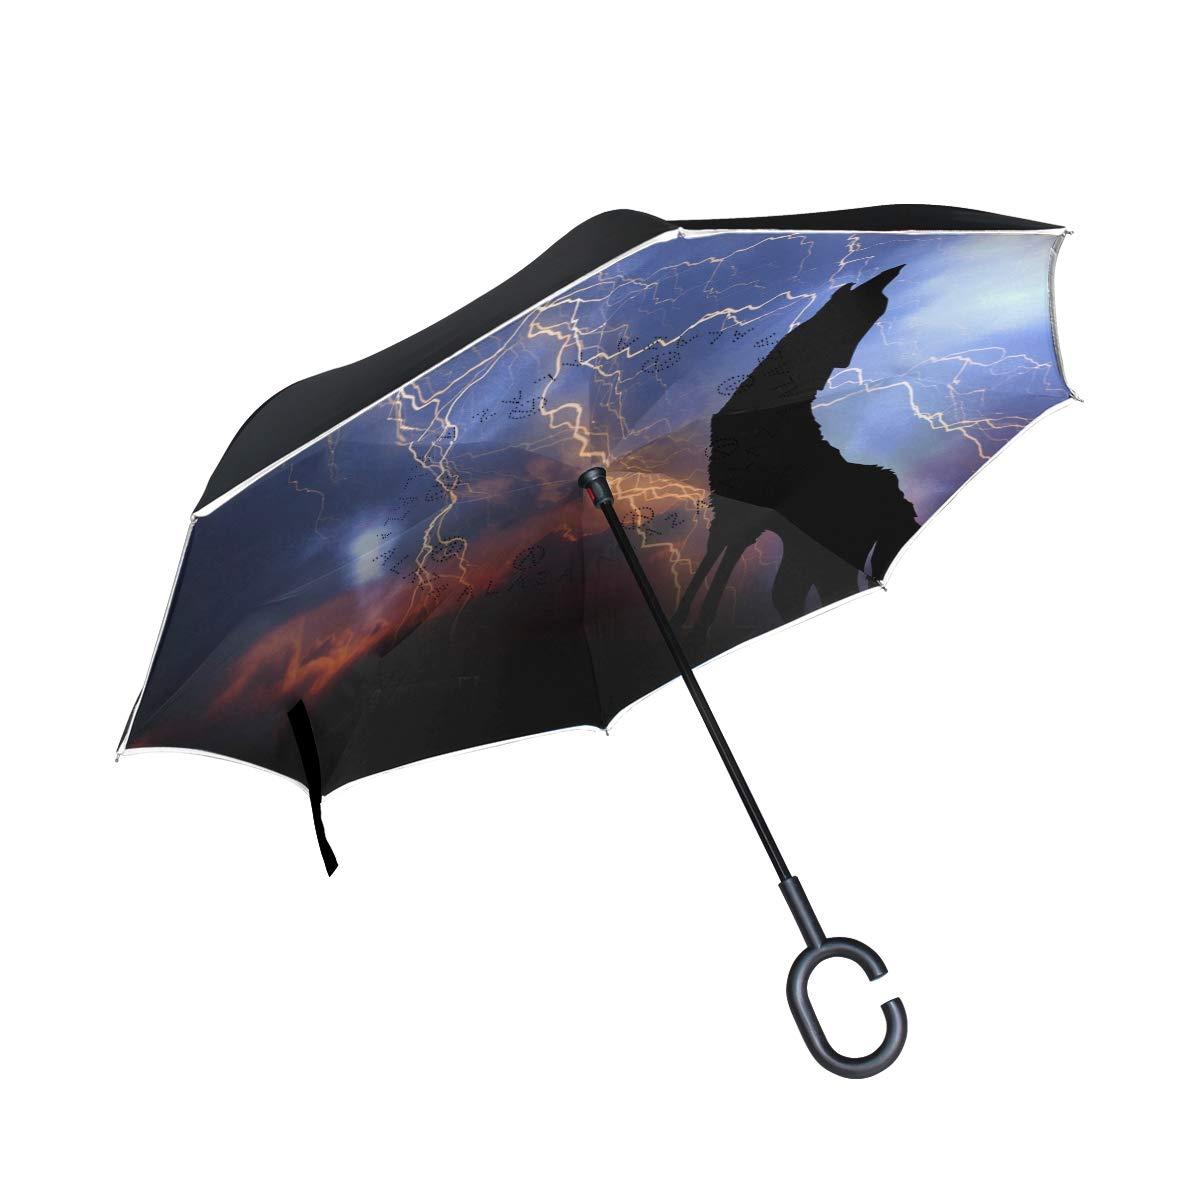 senya 反転傘 2層 ハウリング 逆折りたたみ傘 防風 UV保護 C型ハンドル 車 雨 アウトドア 旅行   B07MXTHBN7